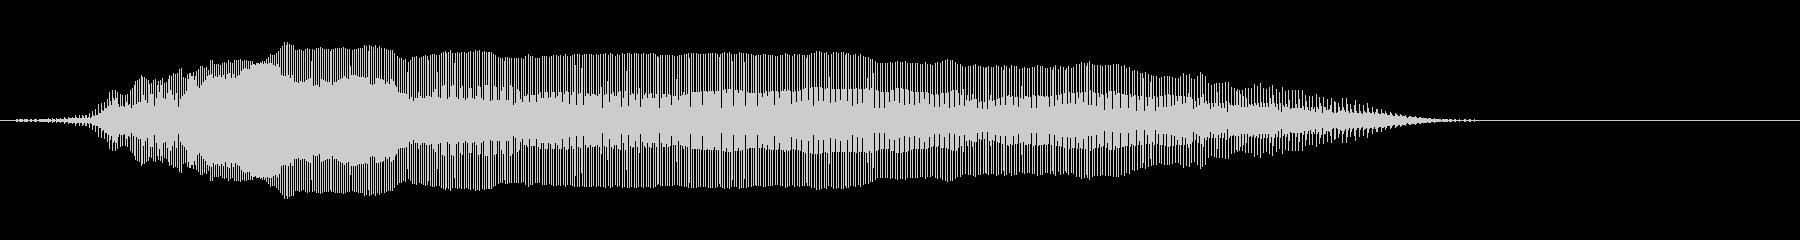 イエーイ(こどもボイス)の未再生の波形